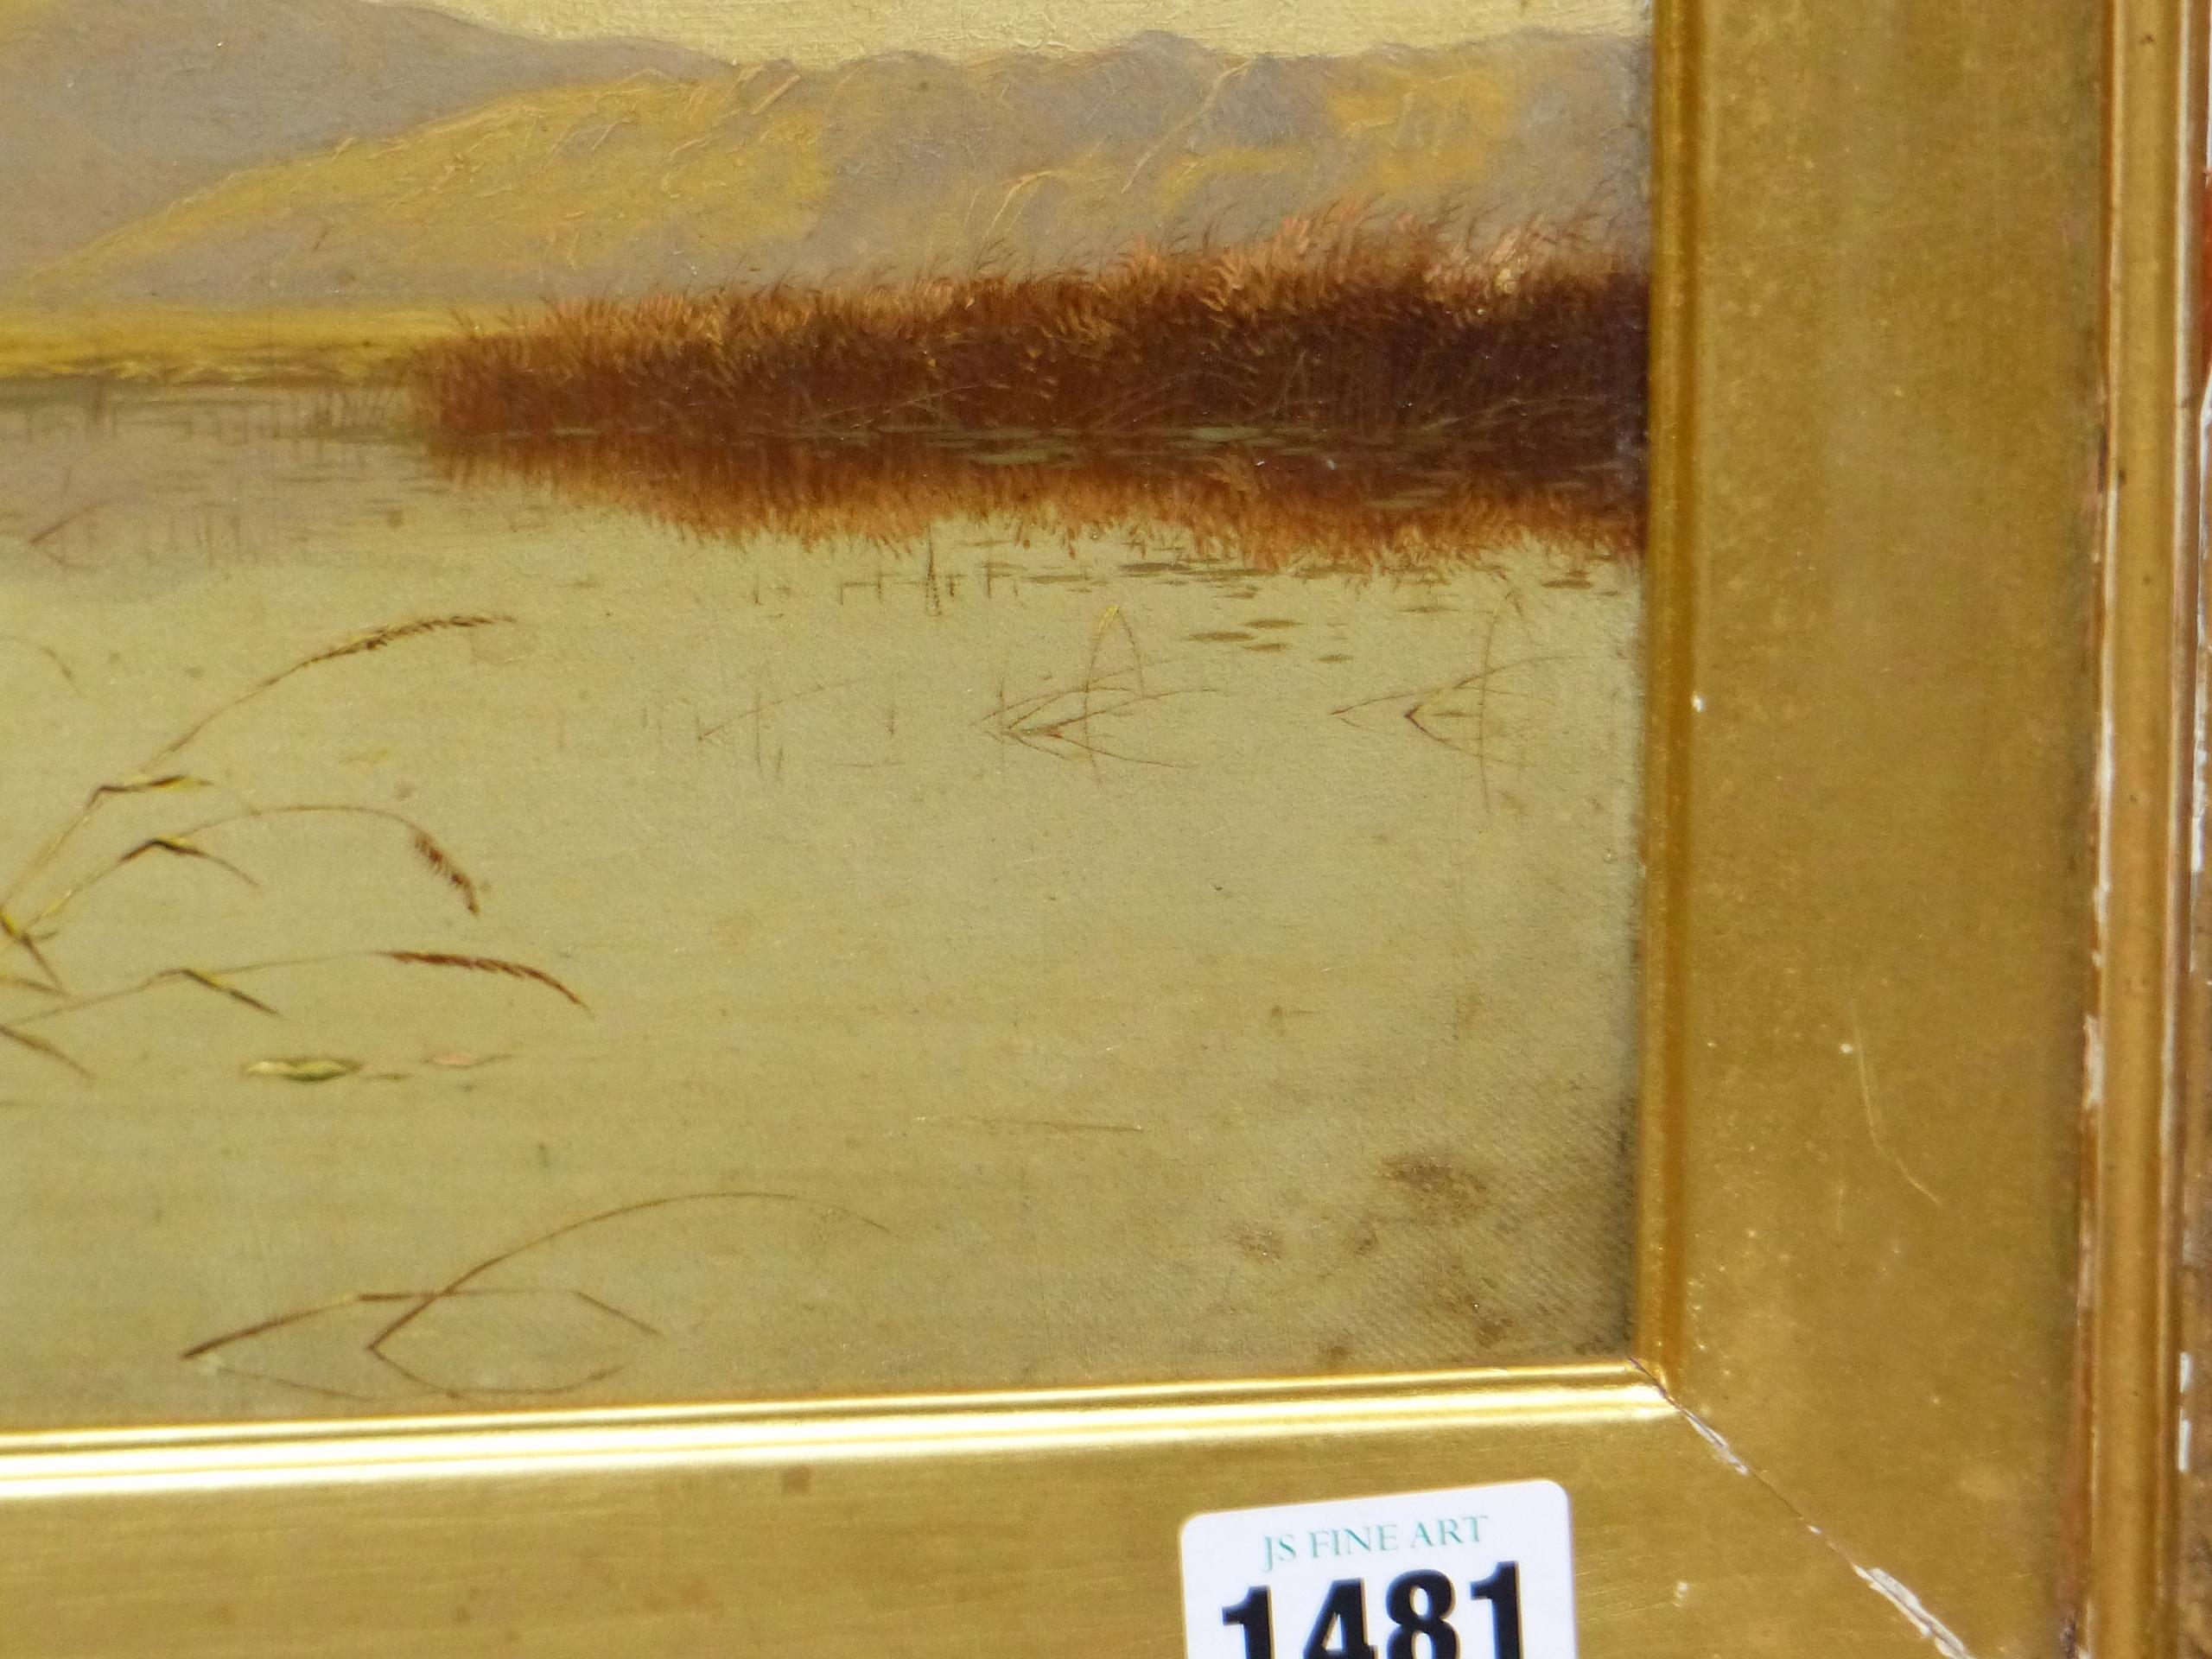 EDWIN BODDINGTON (1836 - 1905) A WELSH LANDSCAPE, OIL ON CANVAS, LABEL VERSO 30 x 56 cm - Image 6 of 9